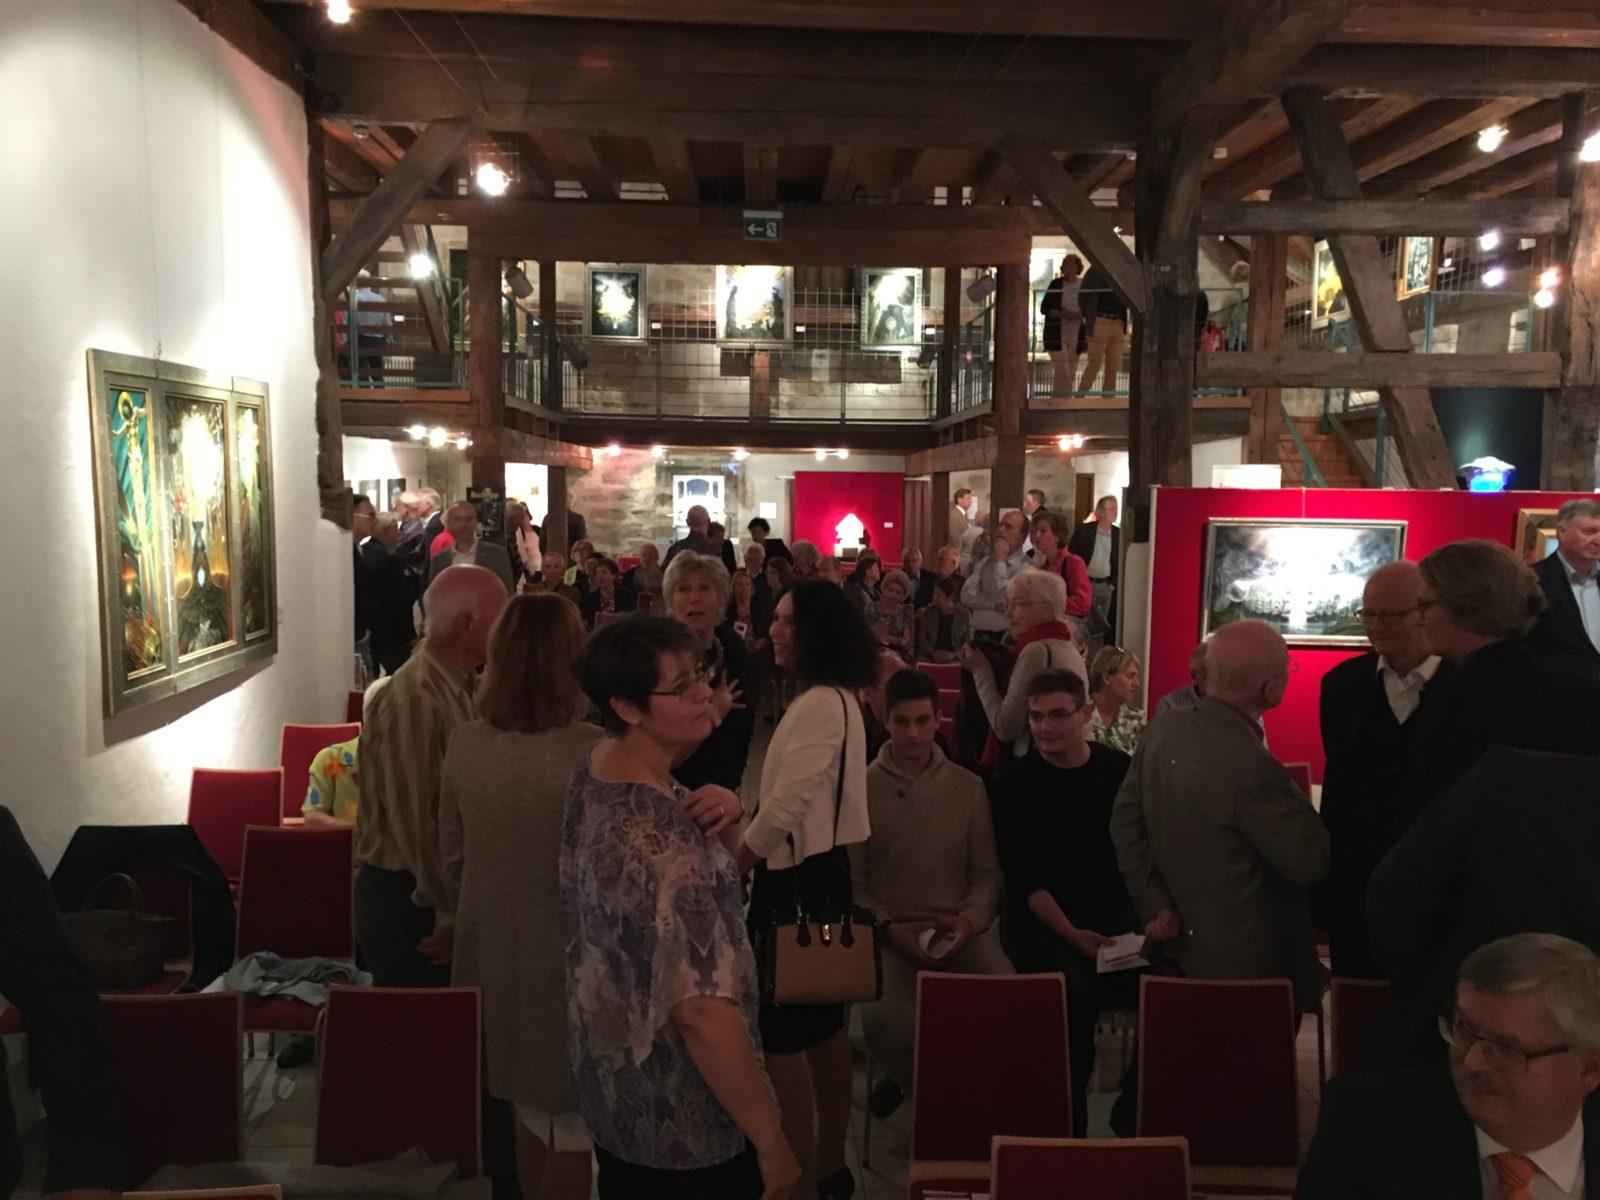 Retrospektive Angerer der Ältere - Museum im Schafstall